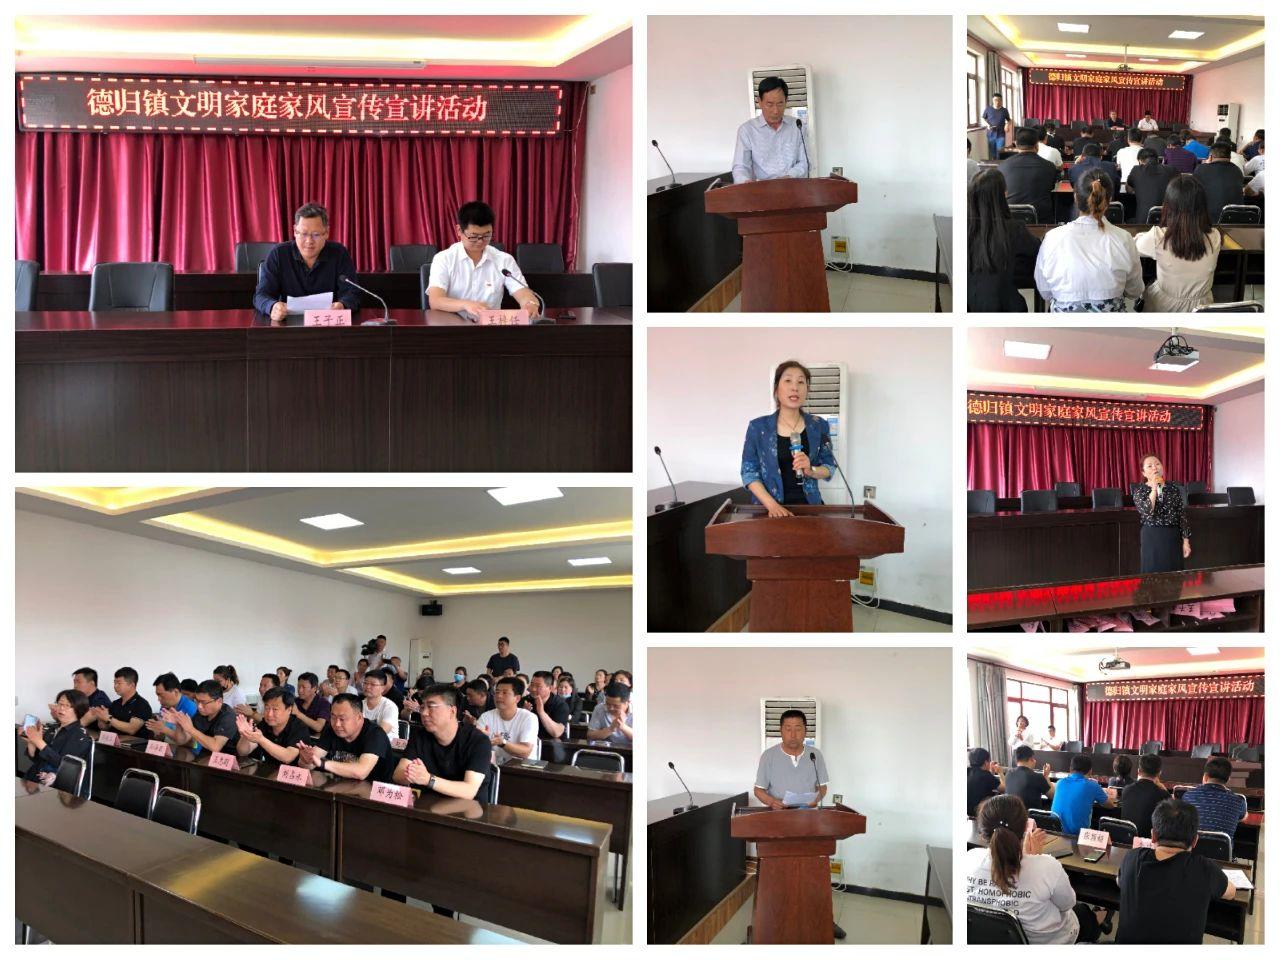 河北省文安县德归镇举办文明家庭家风宣传宣讲活动